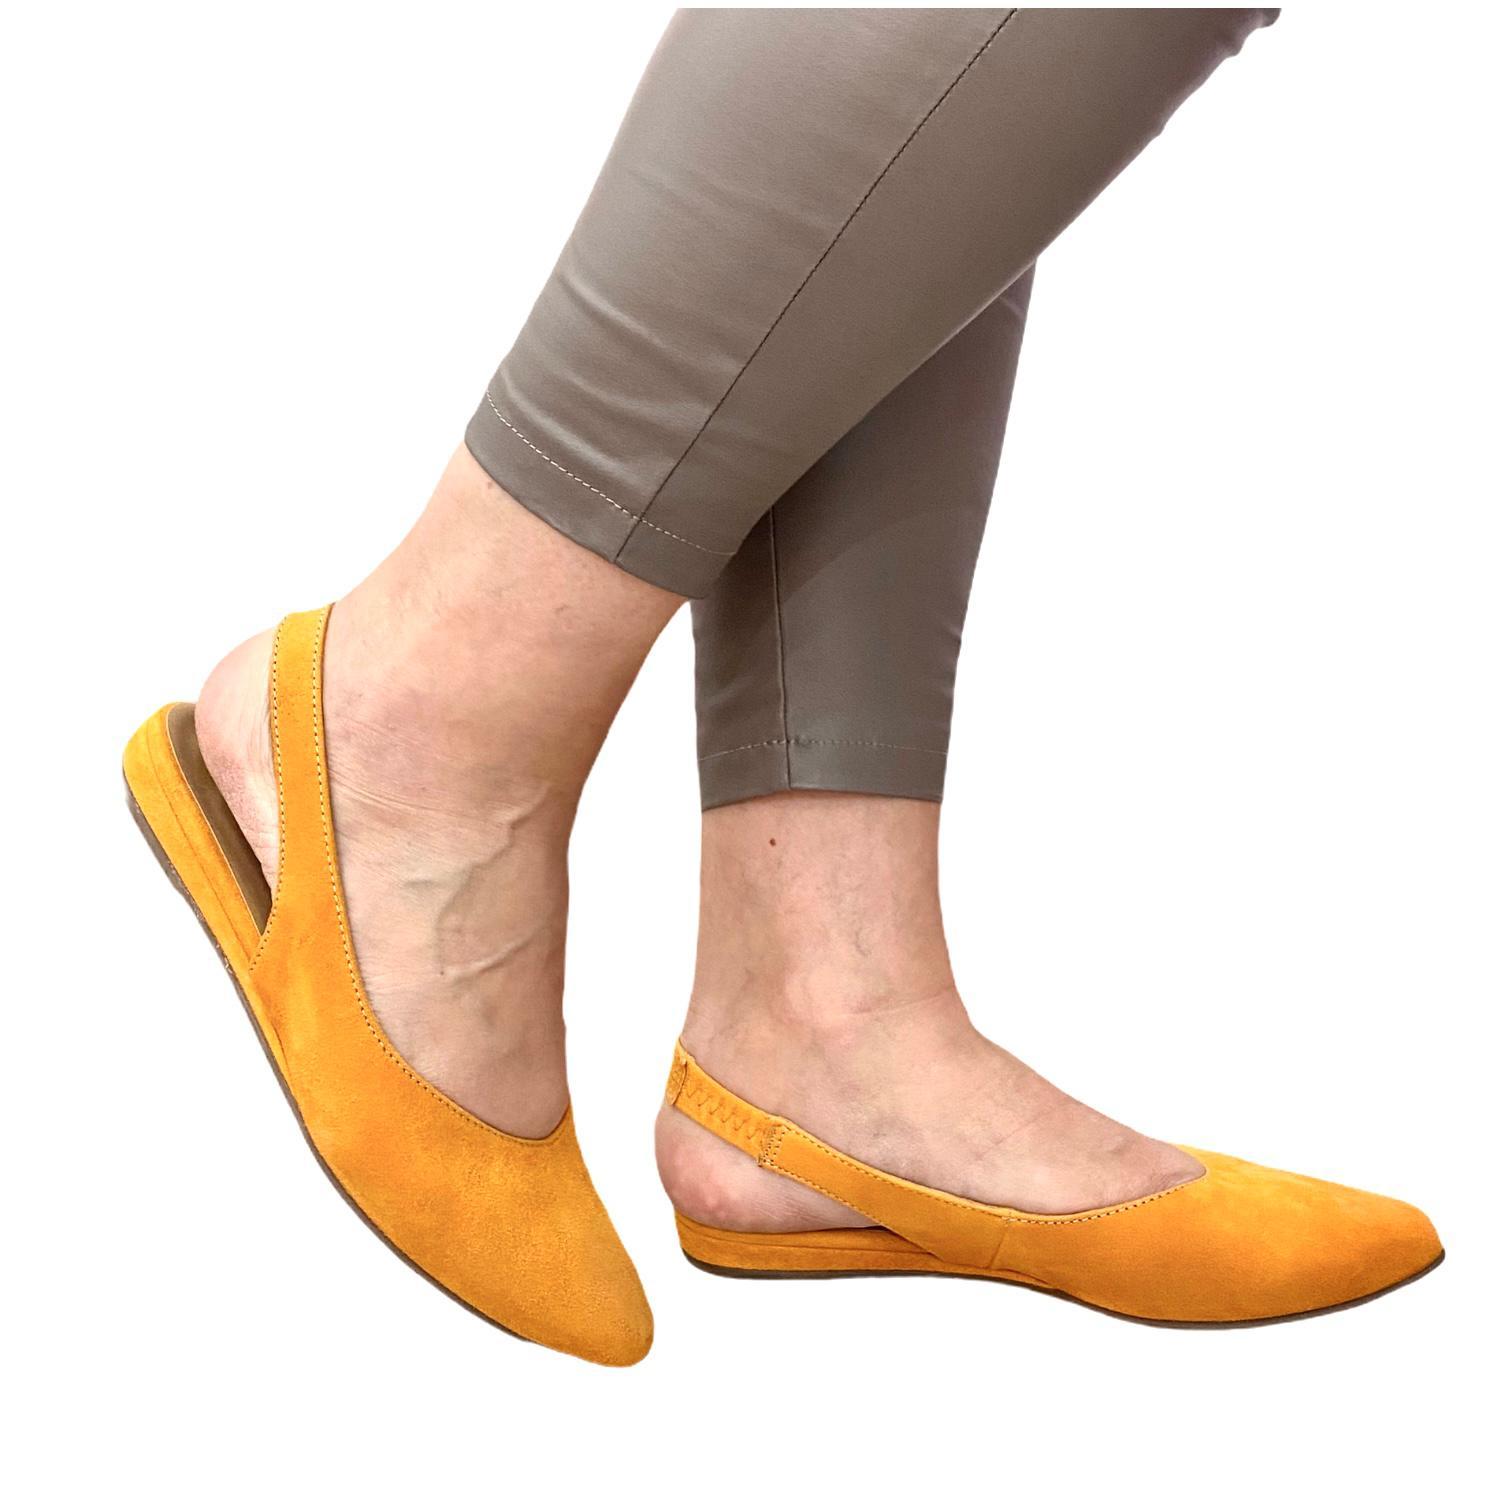 Pantofi Tamaris galbeni decupati in spate